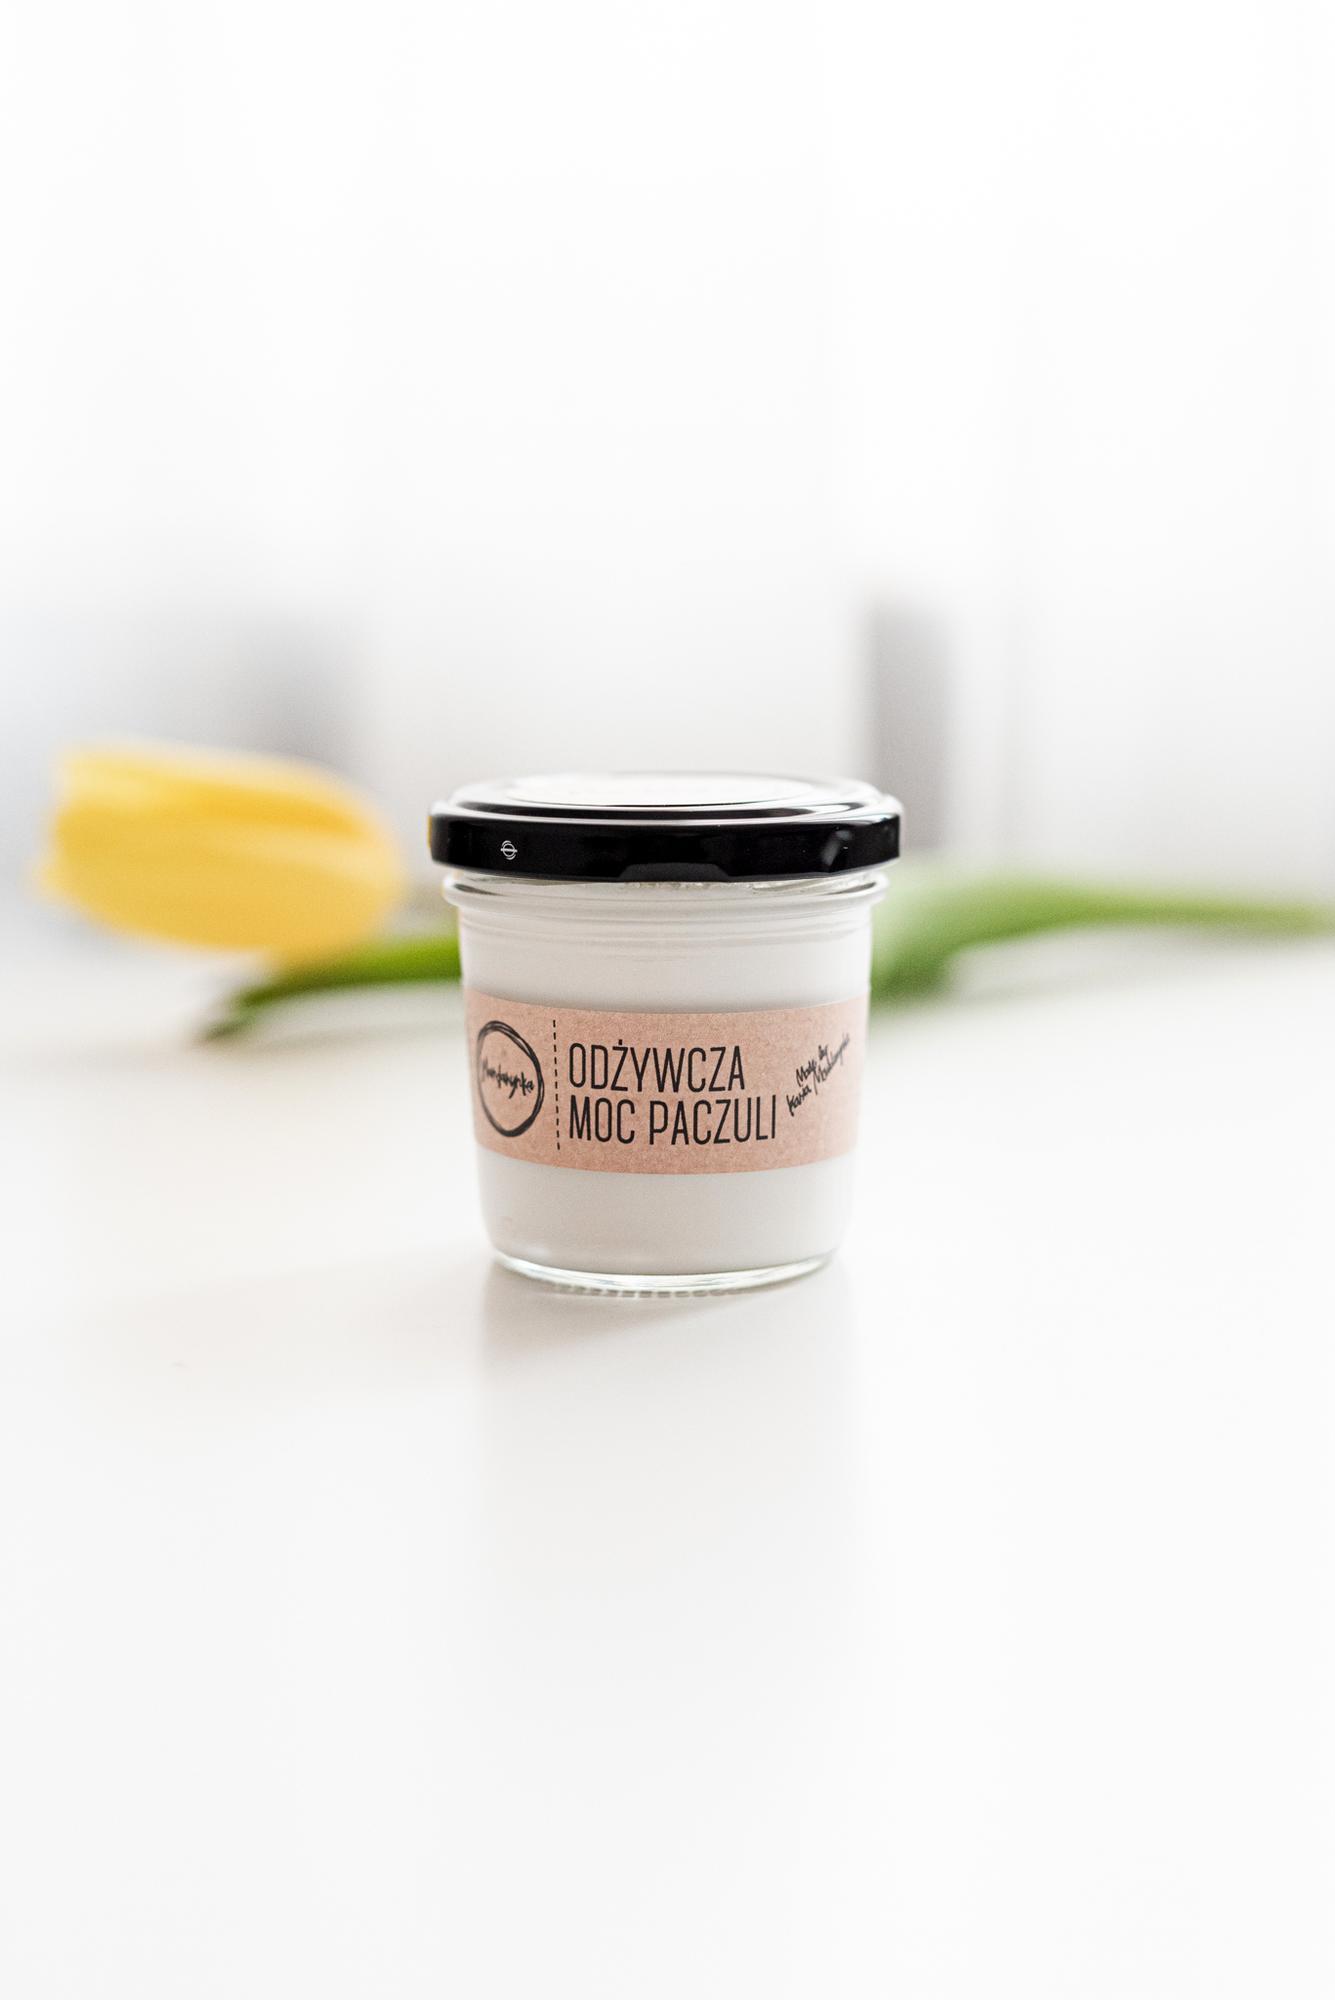 Krem Odżywcza Moc Paczuli - Kasia Mandarynka - kosmetyki naturalnw